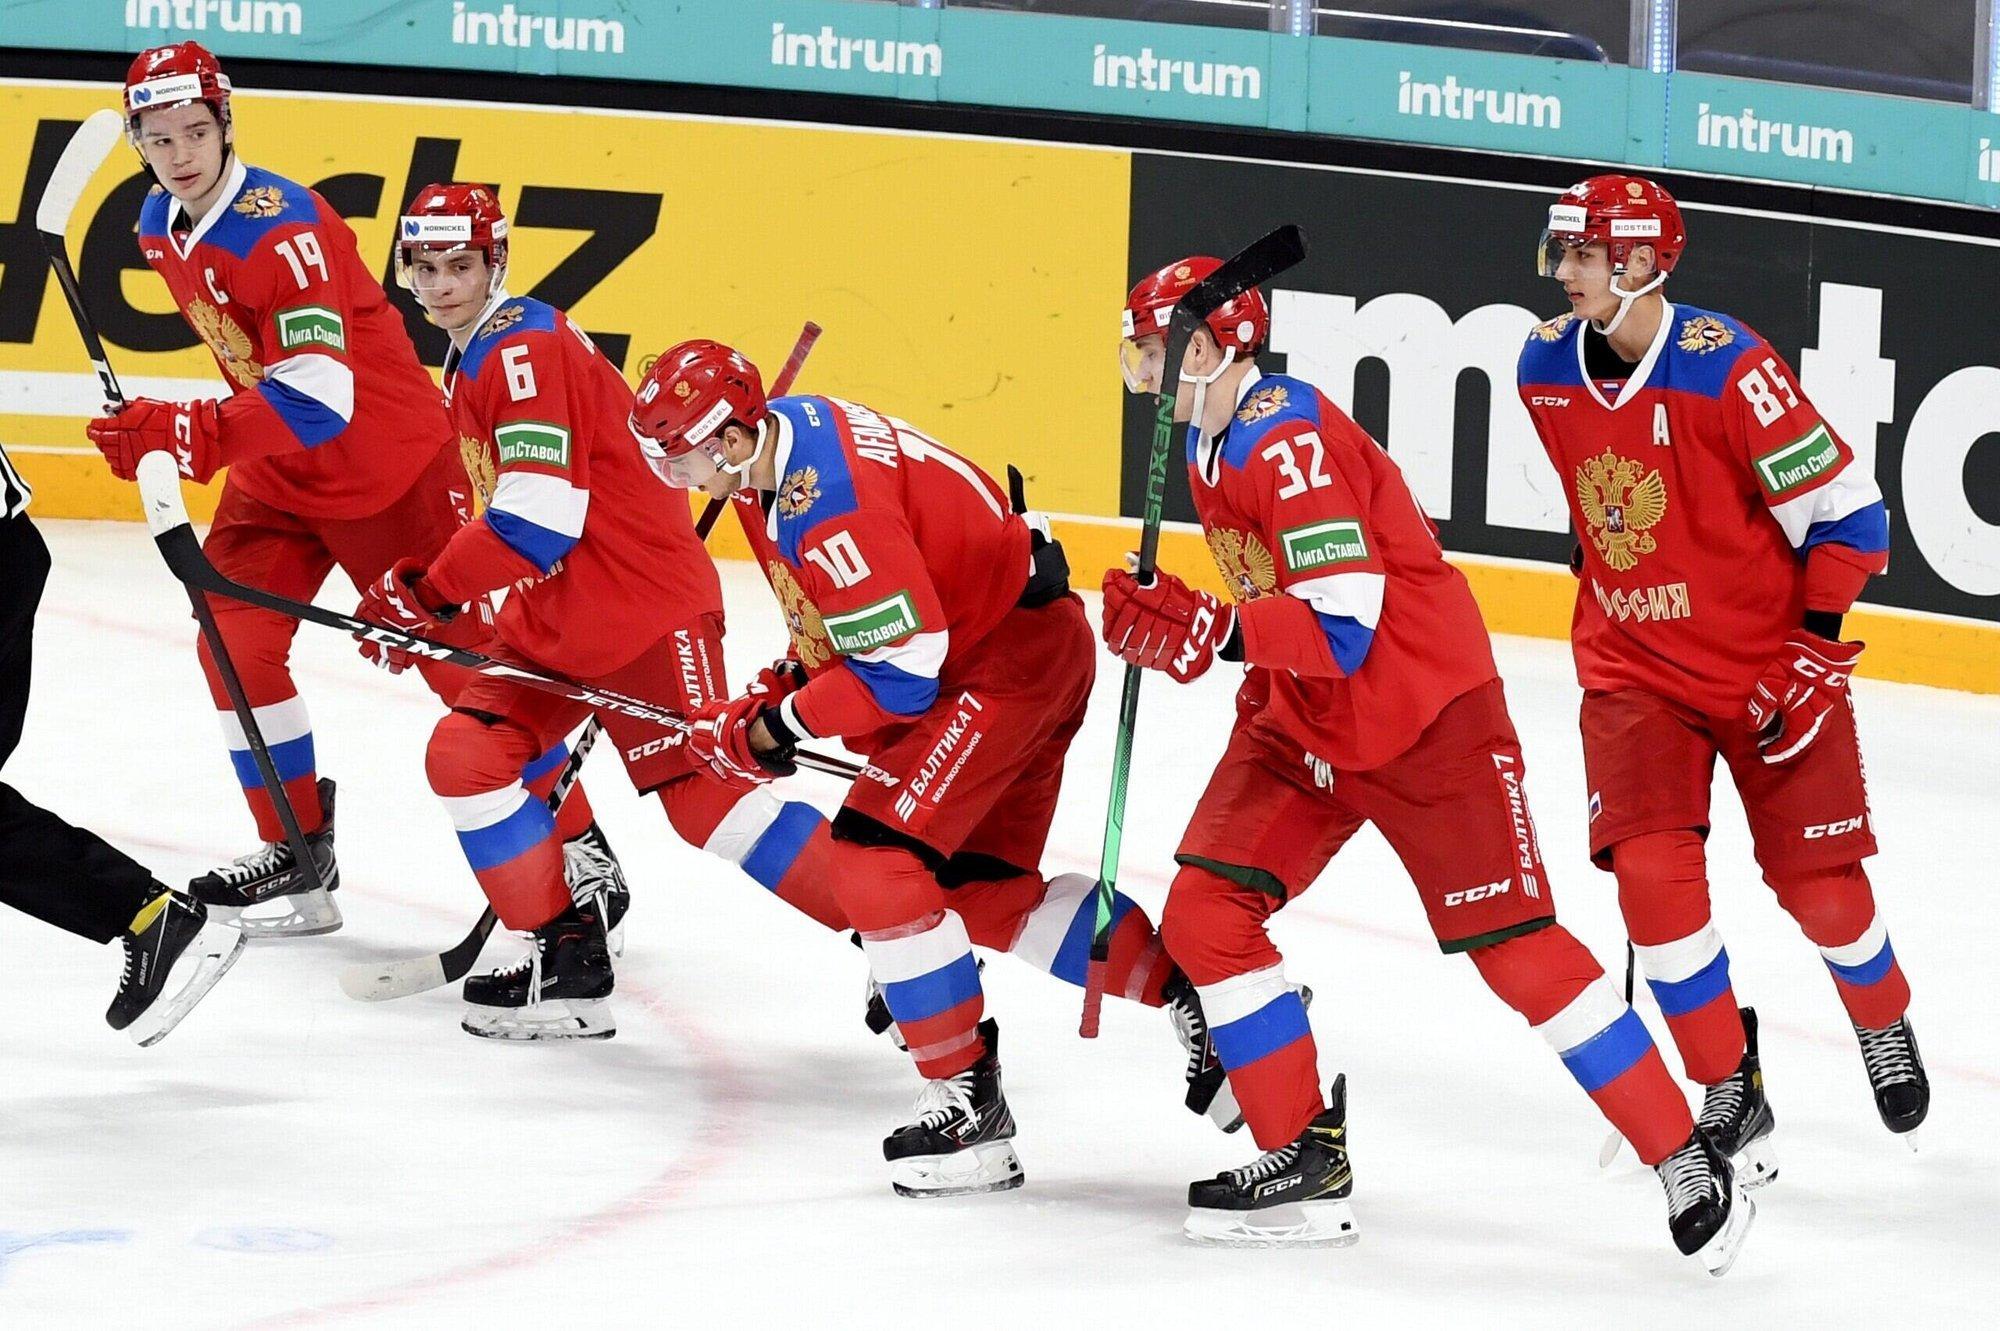 Сборная России прибыла в Мальмё на шведский этап Евротура